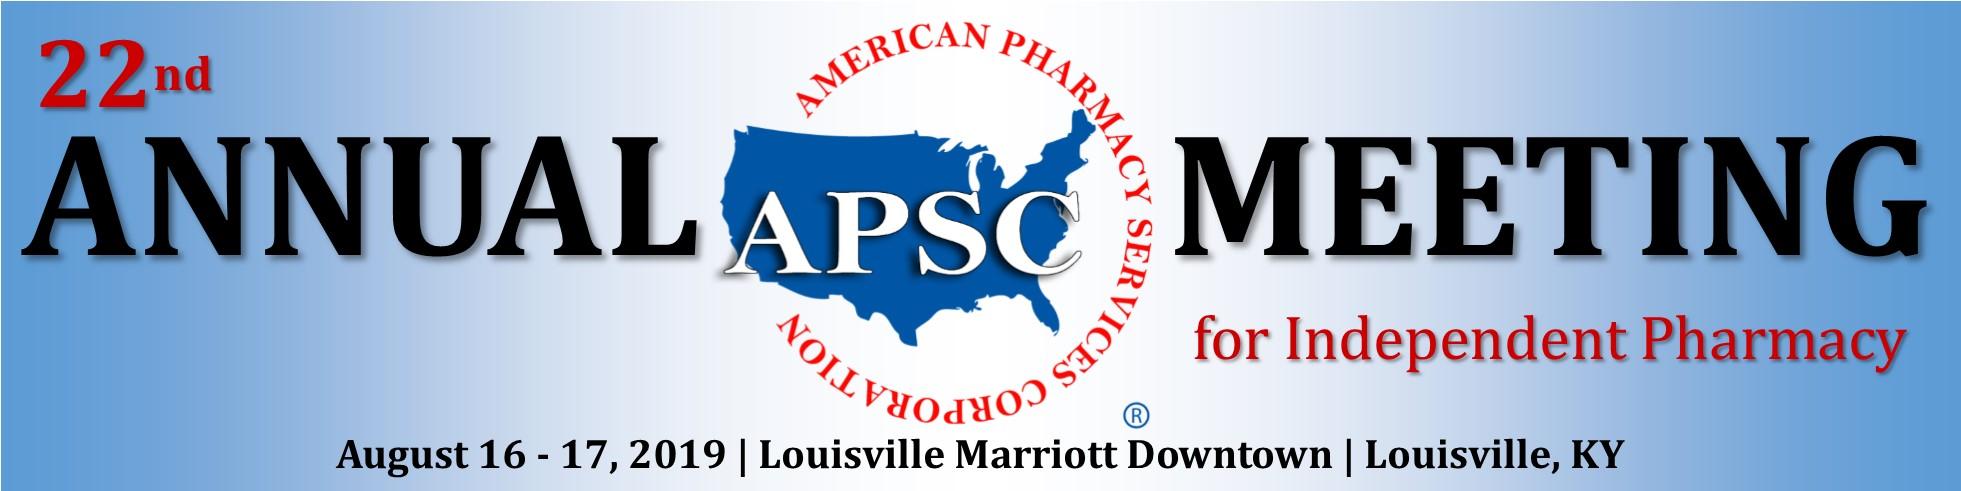 APSC Meeting 2019